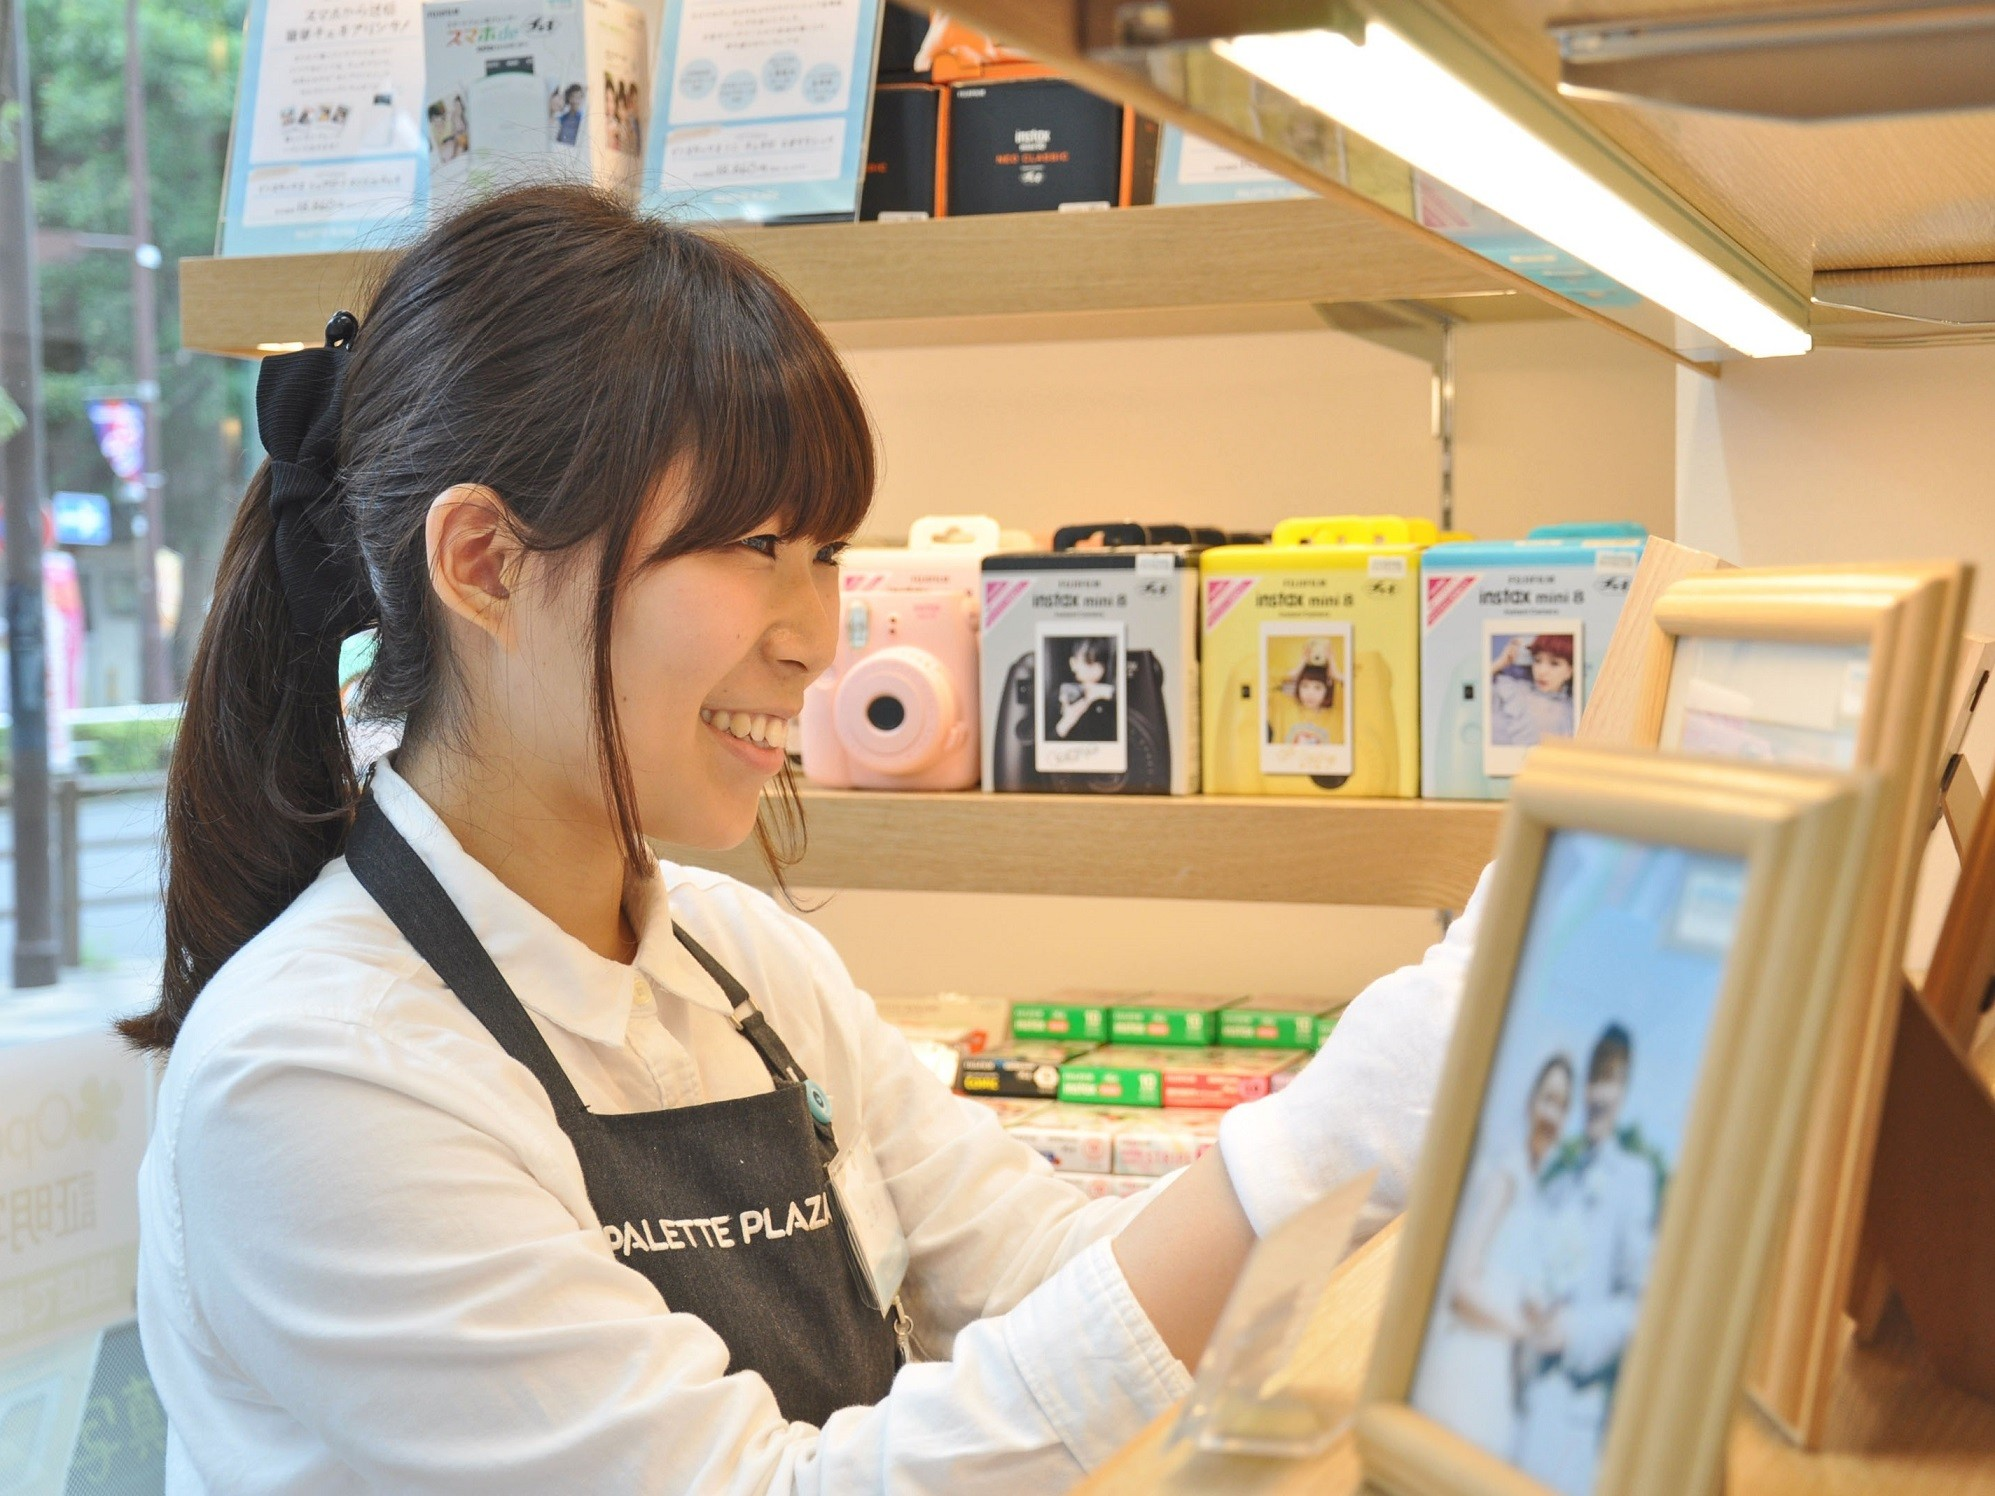 パレットプラザ サンリブ高須店 のアルバイト情報